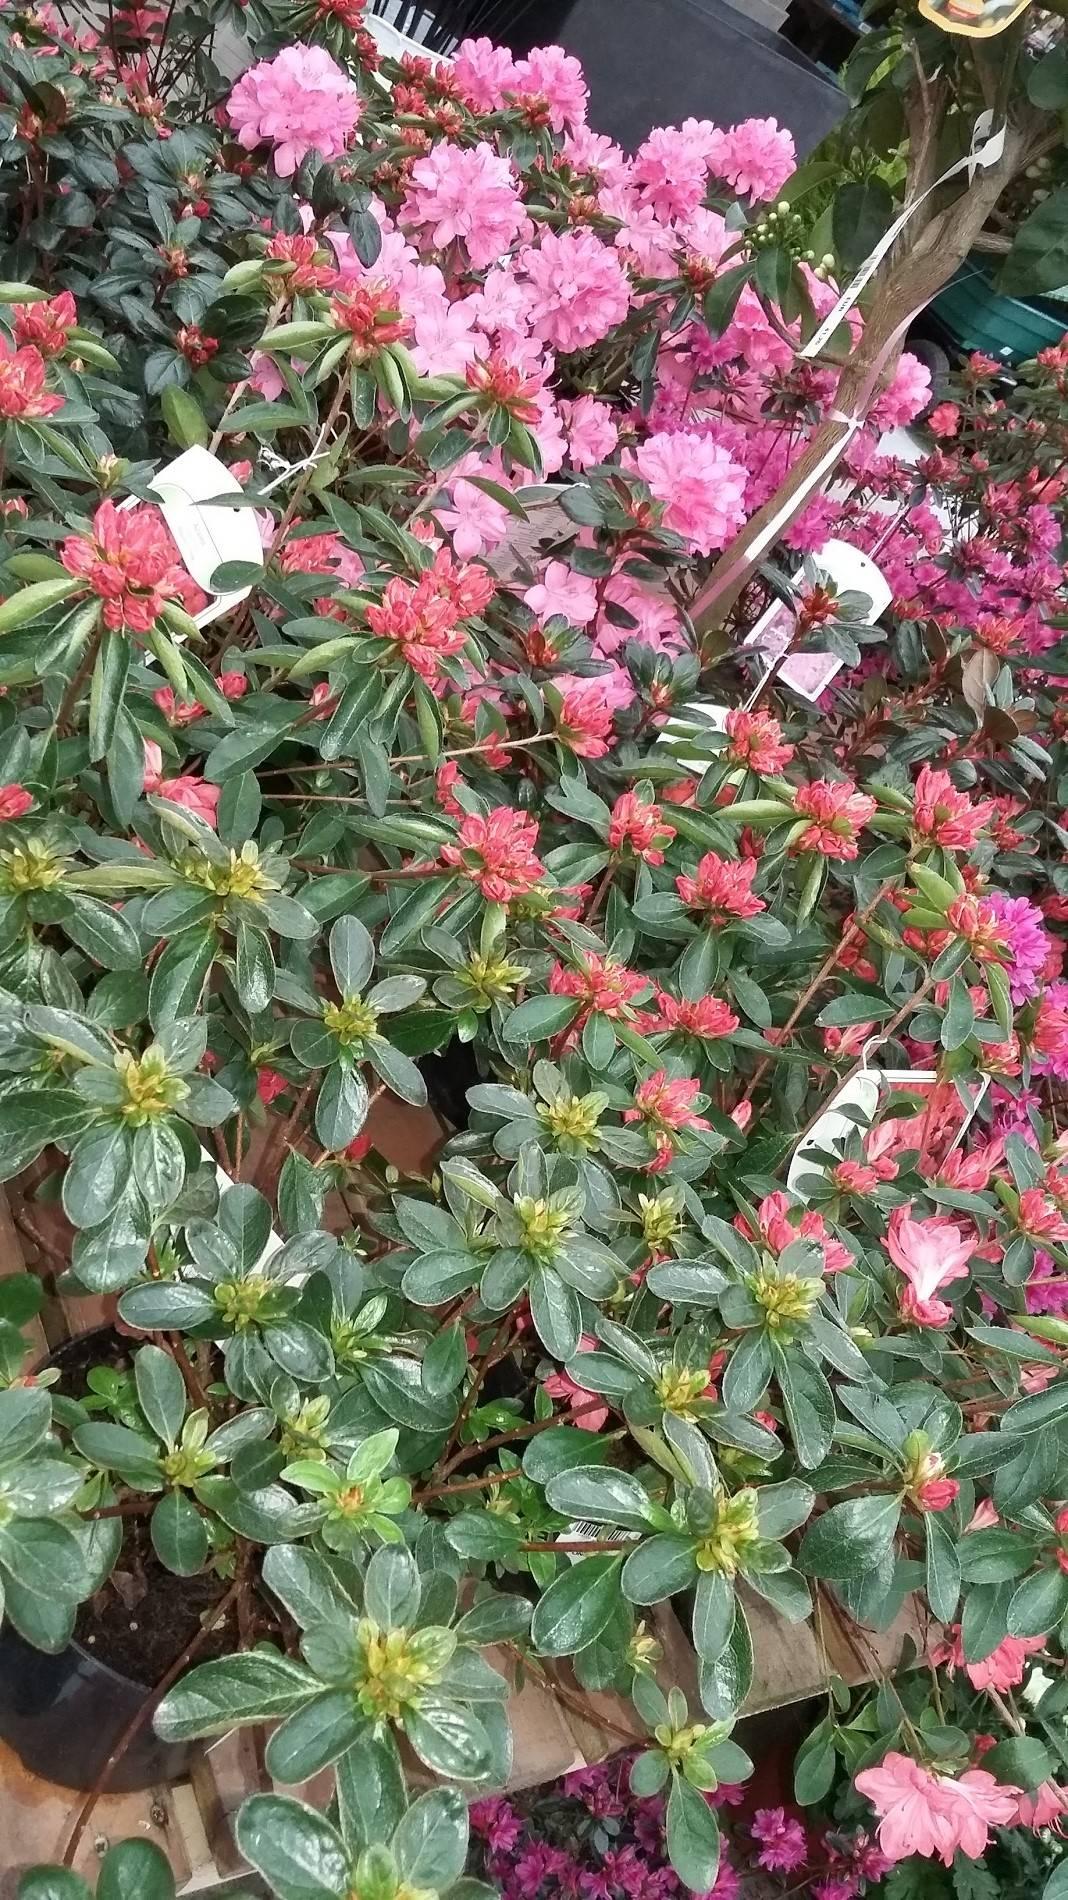 Fleuriste pour la f te des rameaux proche d 39 etretat for Fleuriste proche